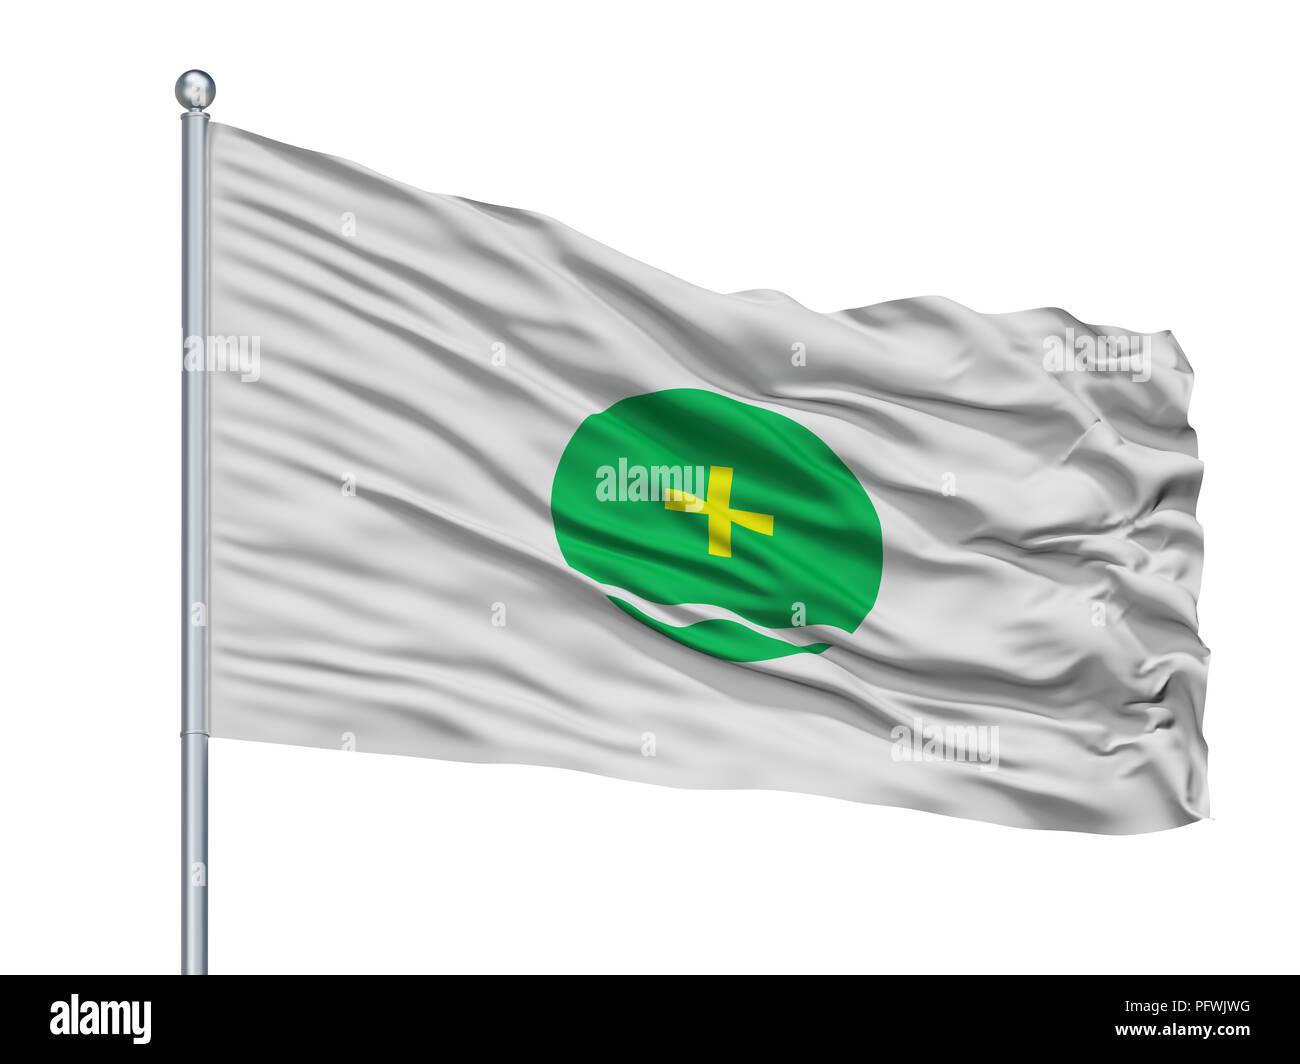 Toluca City Flag On Flagpole, Mexico, Isolated On White Background - Stock Image